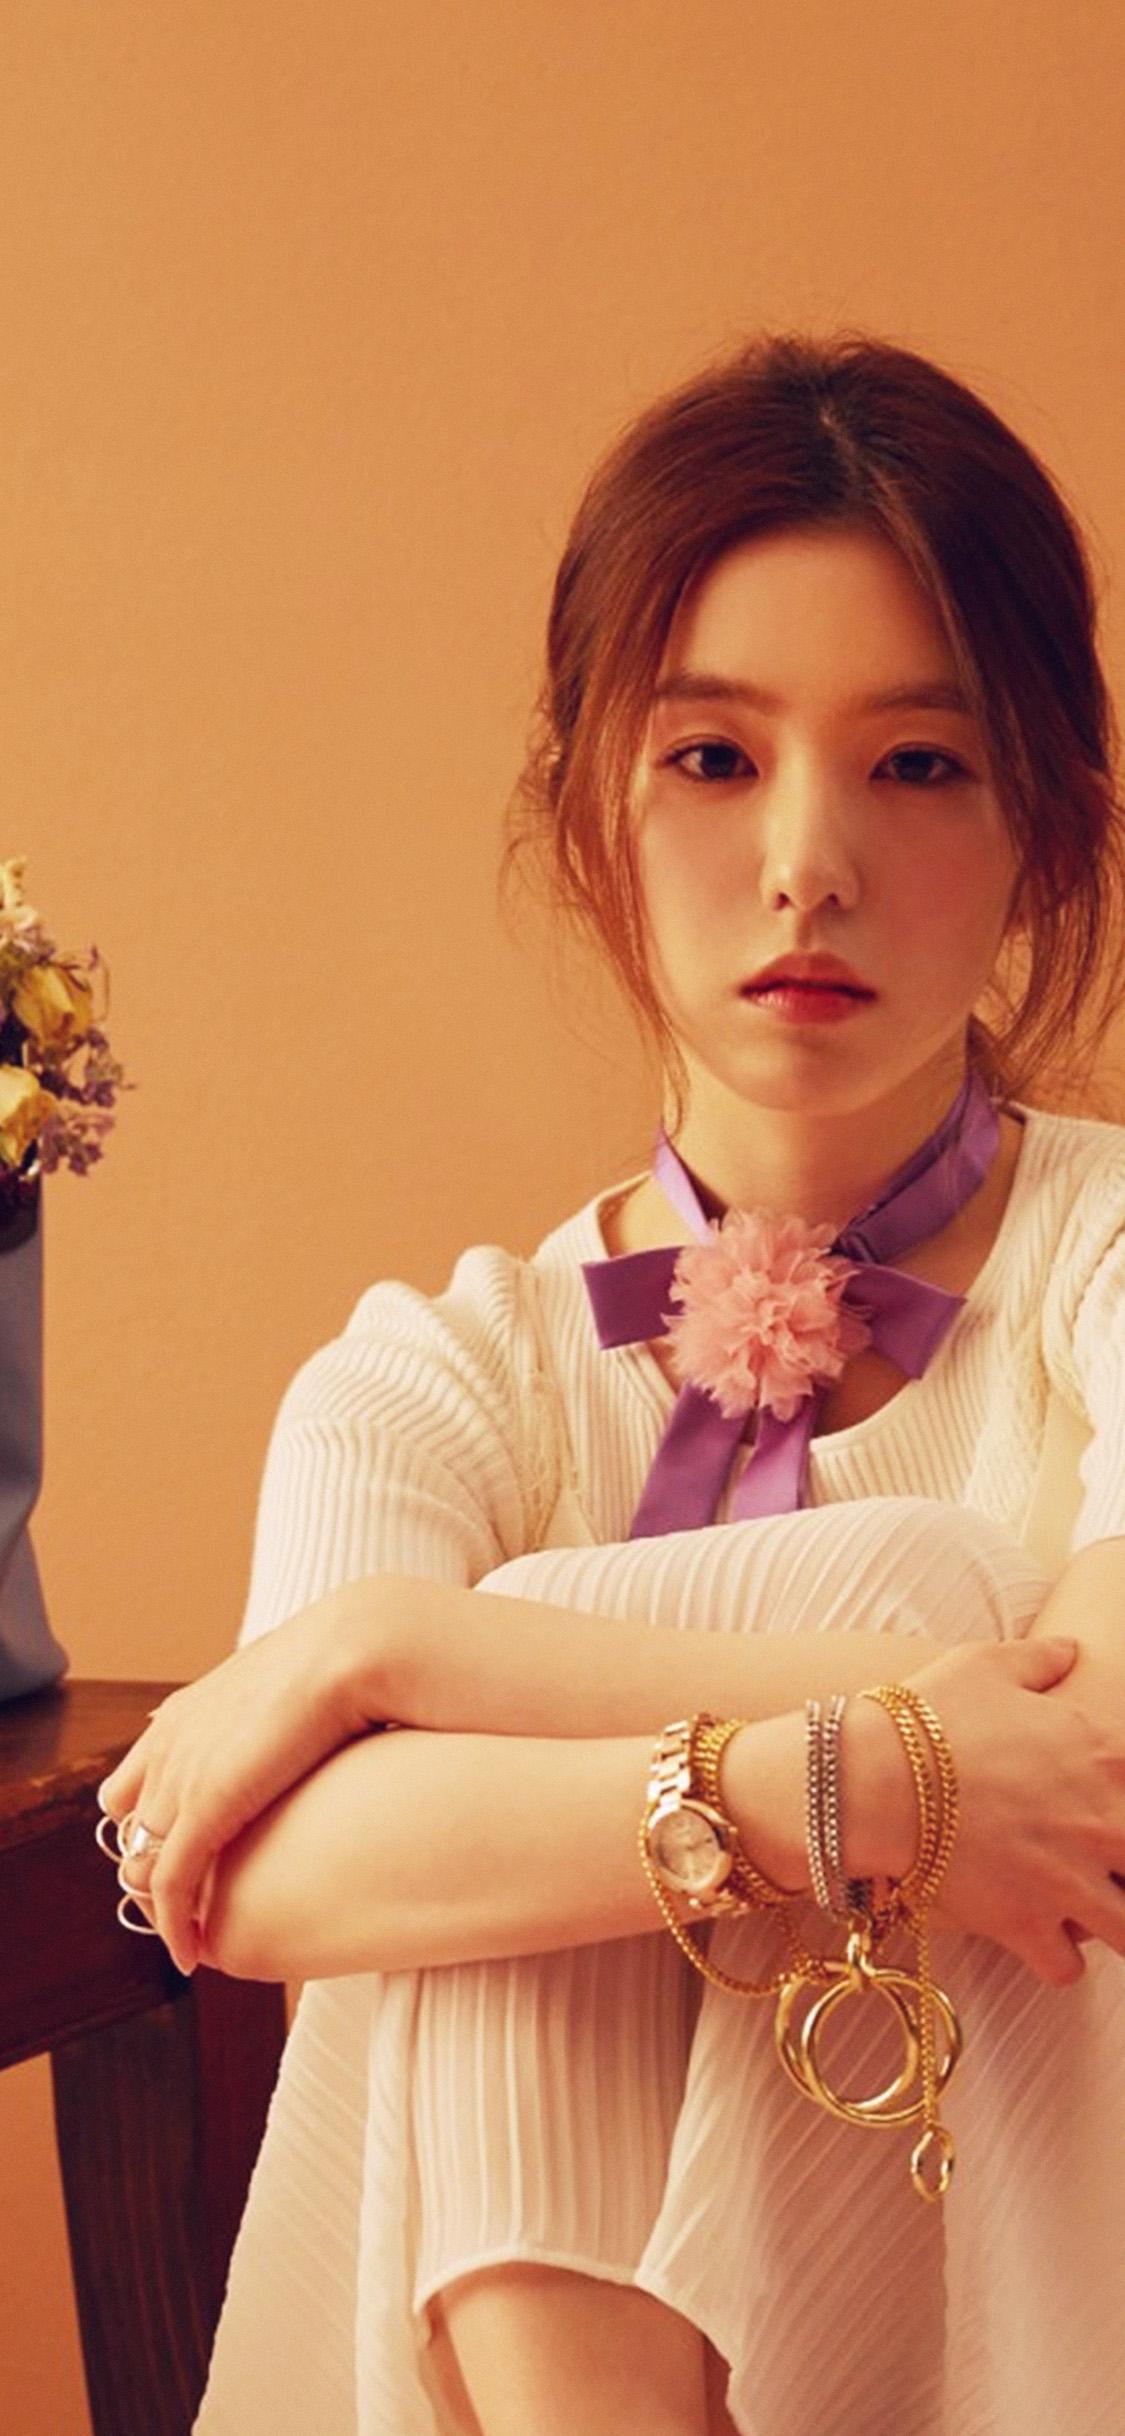 Japanese Girl Wallpaper For Iphone Ho54 Asian Girl Music Red Kpop Wallpaper